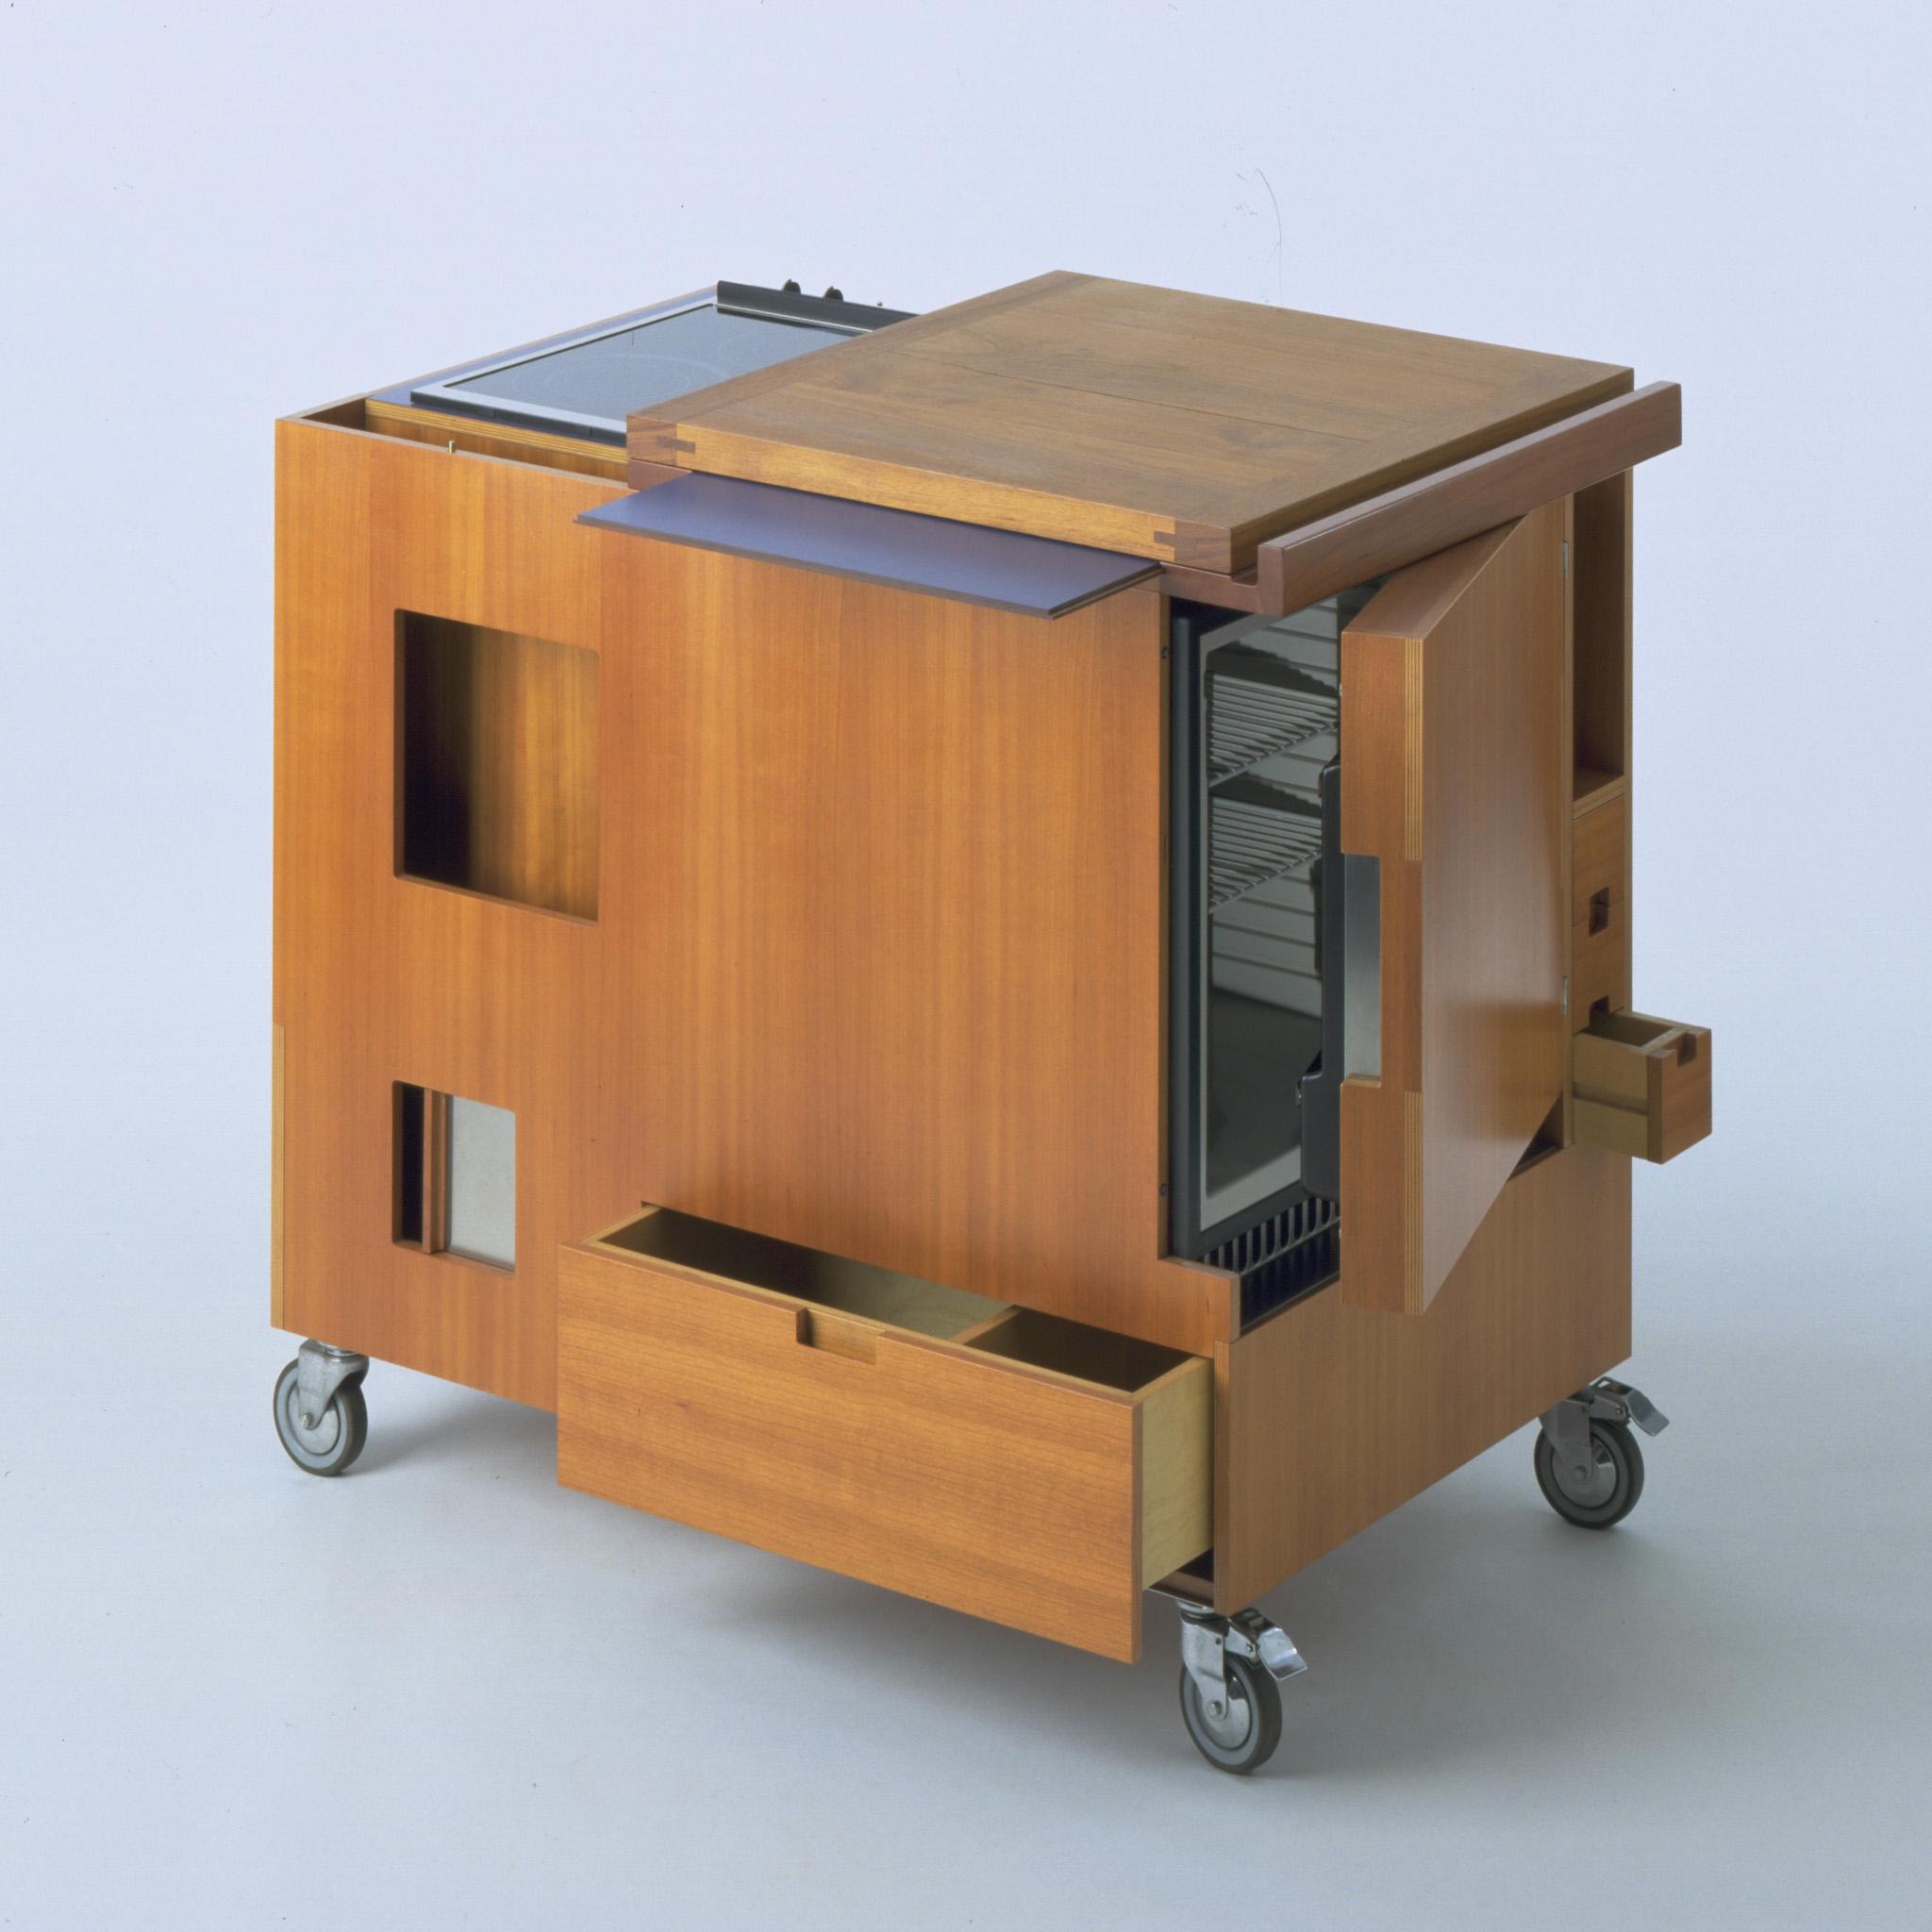 Il settore più presente in mostra è l'arredamento.  La Minikitchen di Joe Colombo per Boffi (1963)